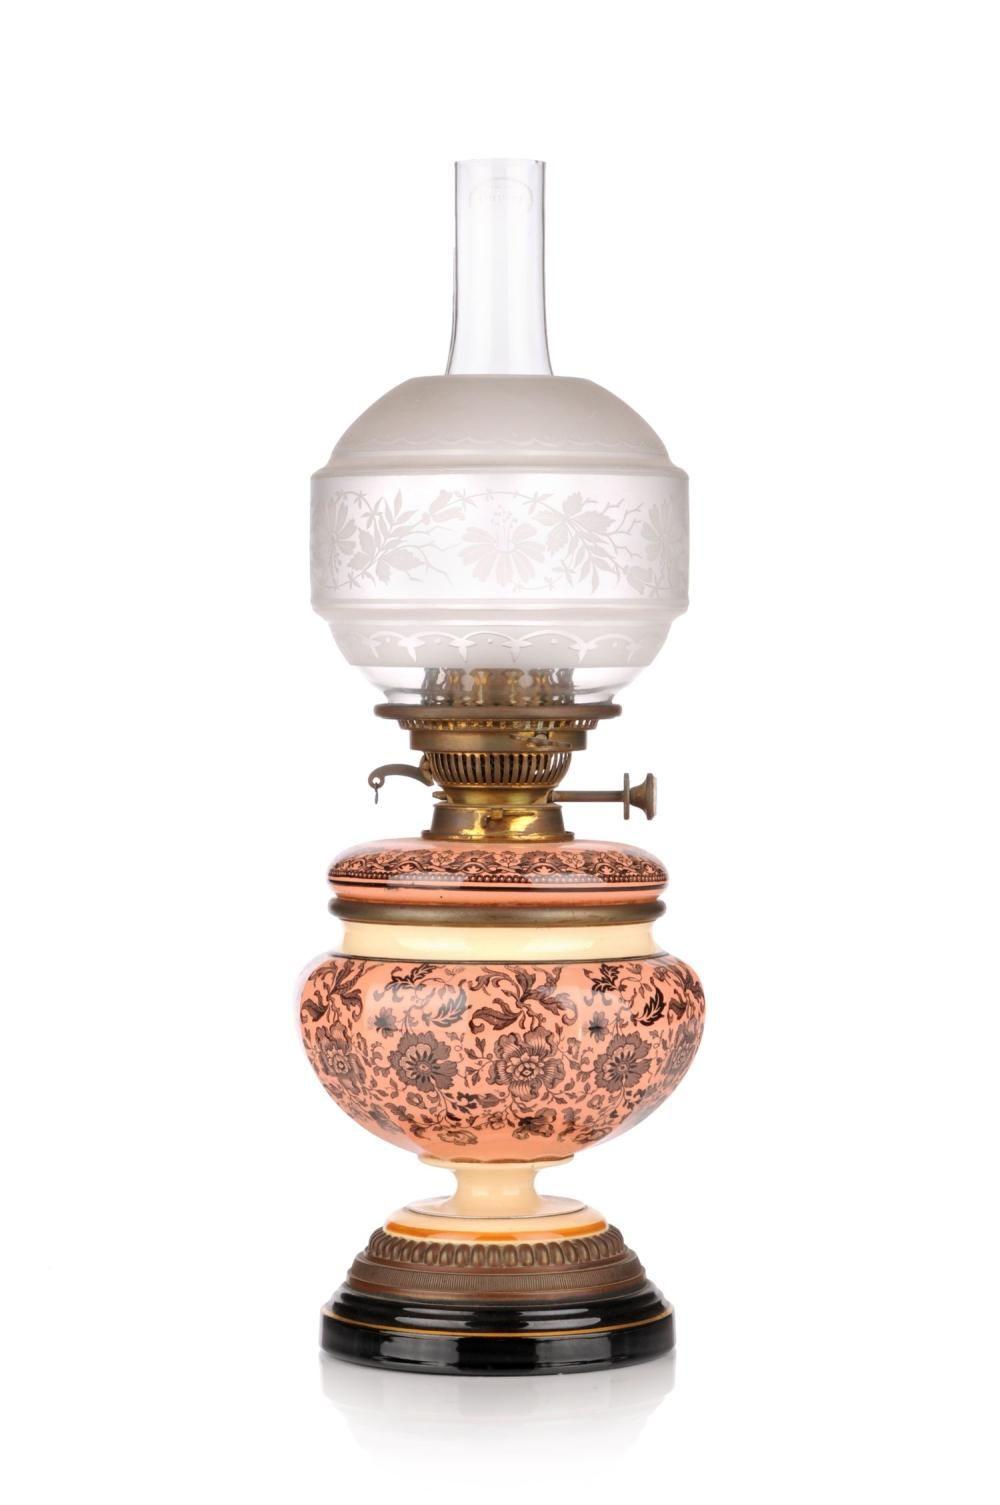 Petroleumlampe James Hinks Son Birmingham Grossbritannien Spaetes 19th Cent Antique Oil Lamps Oil Lamps Kerosene